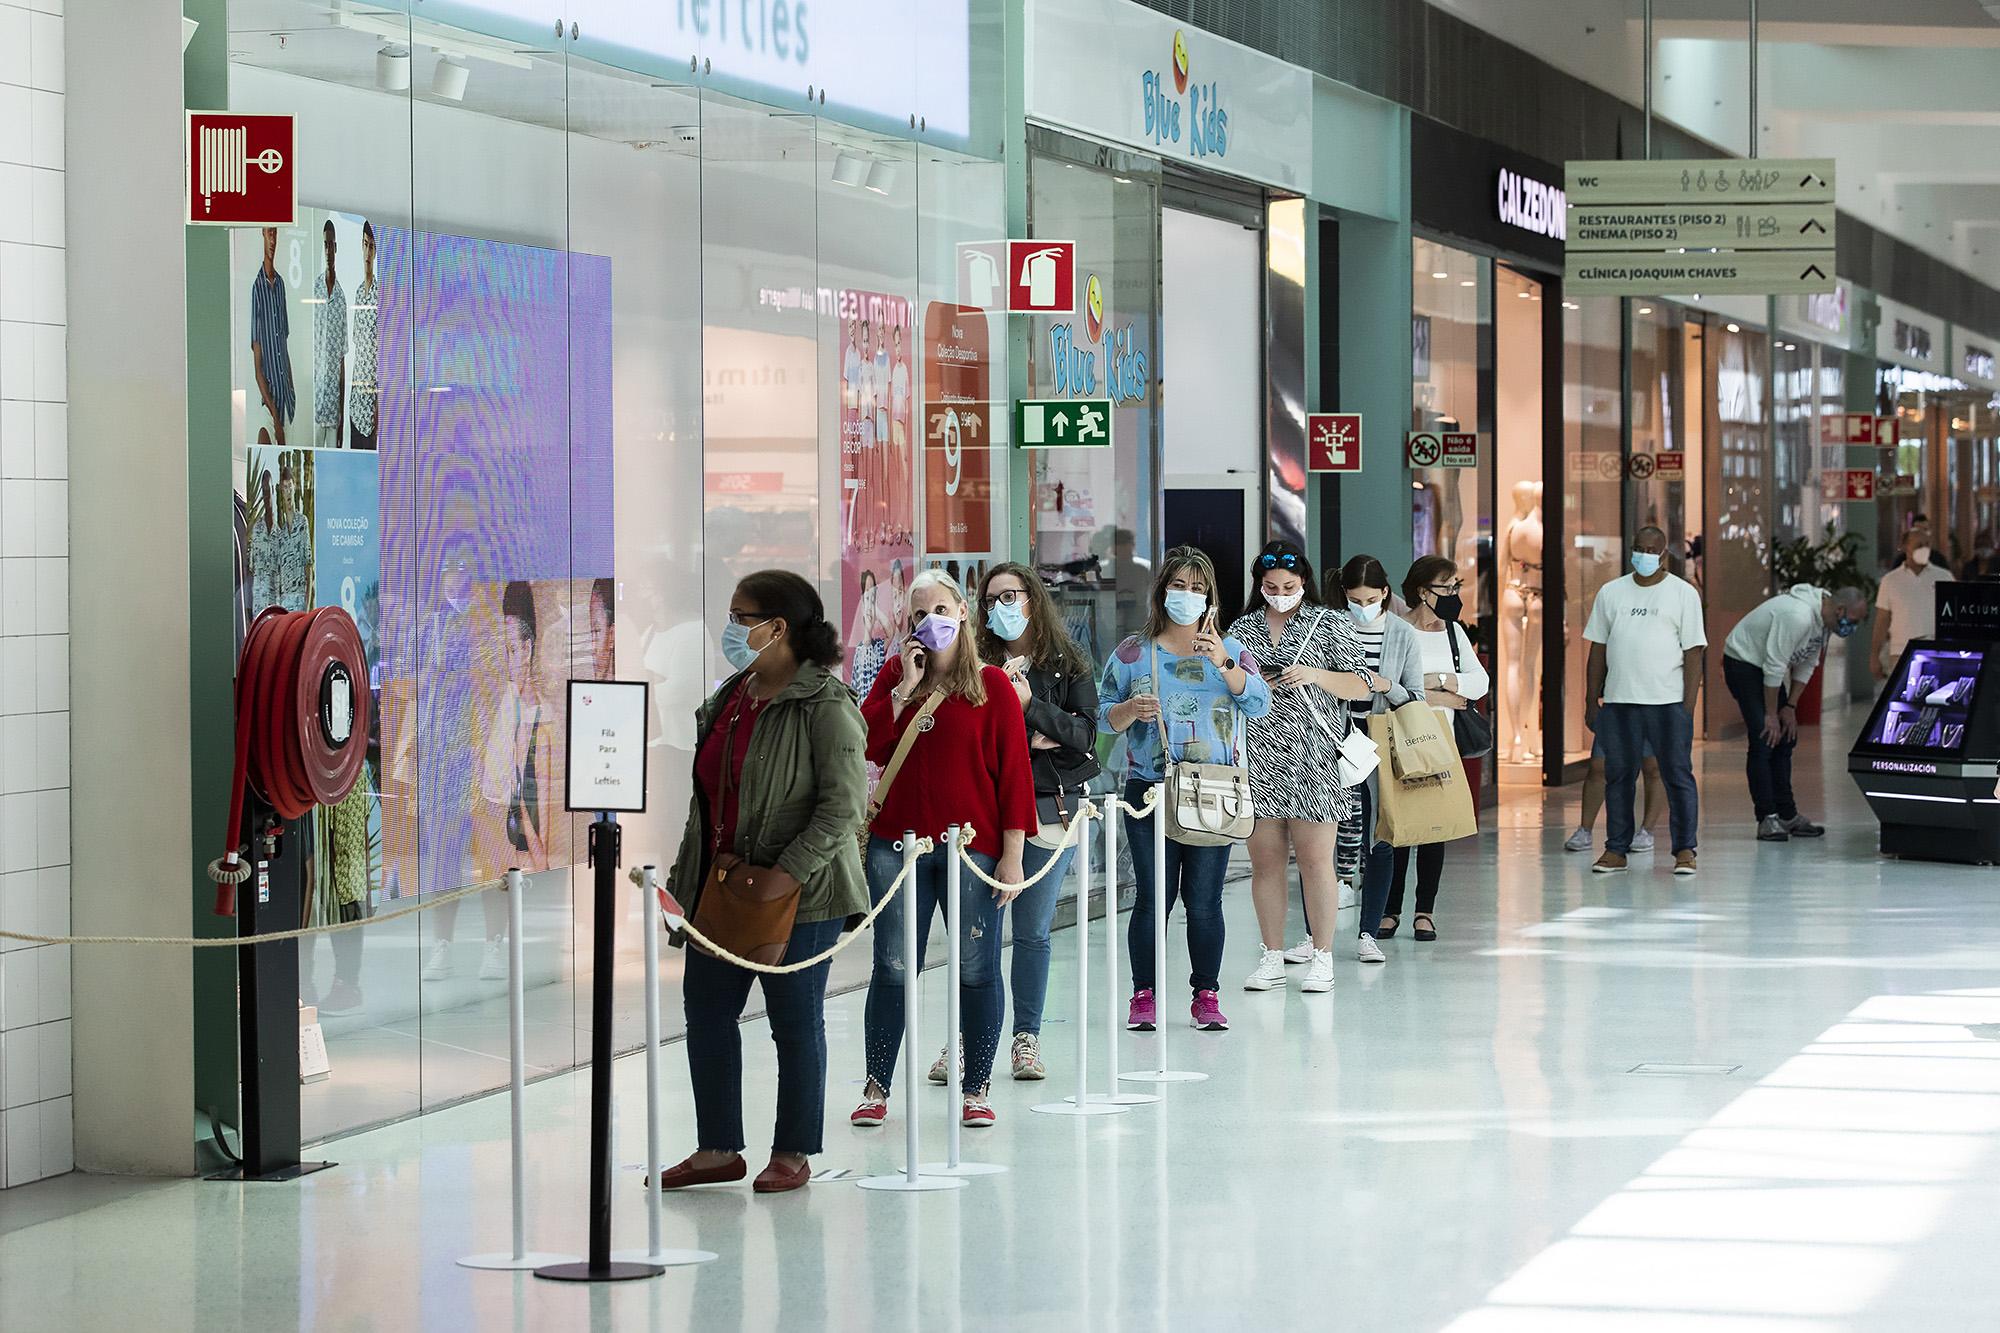 Alegro Sintra volta a abrir ao público após segundo confinamento - 19ABR21